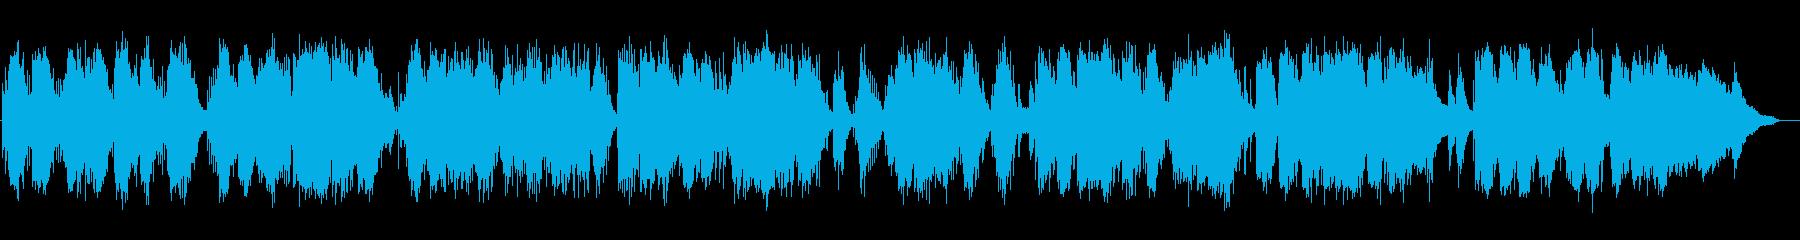 水のようなしっとりとしたピアノソロの再生済みの波形